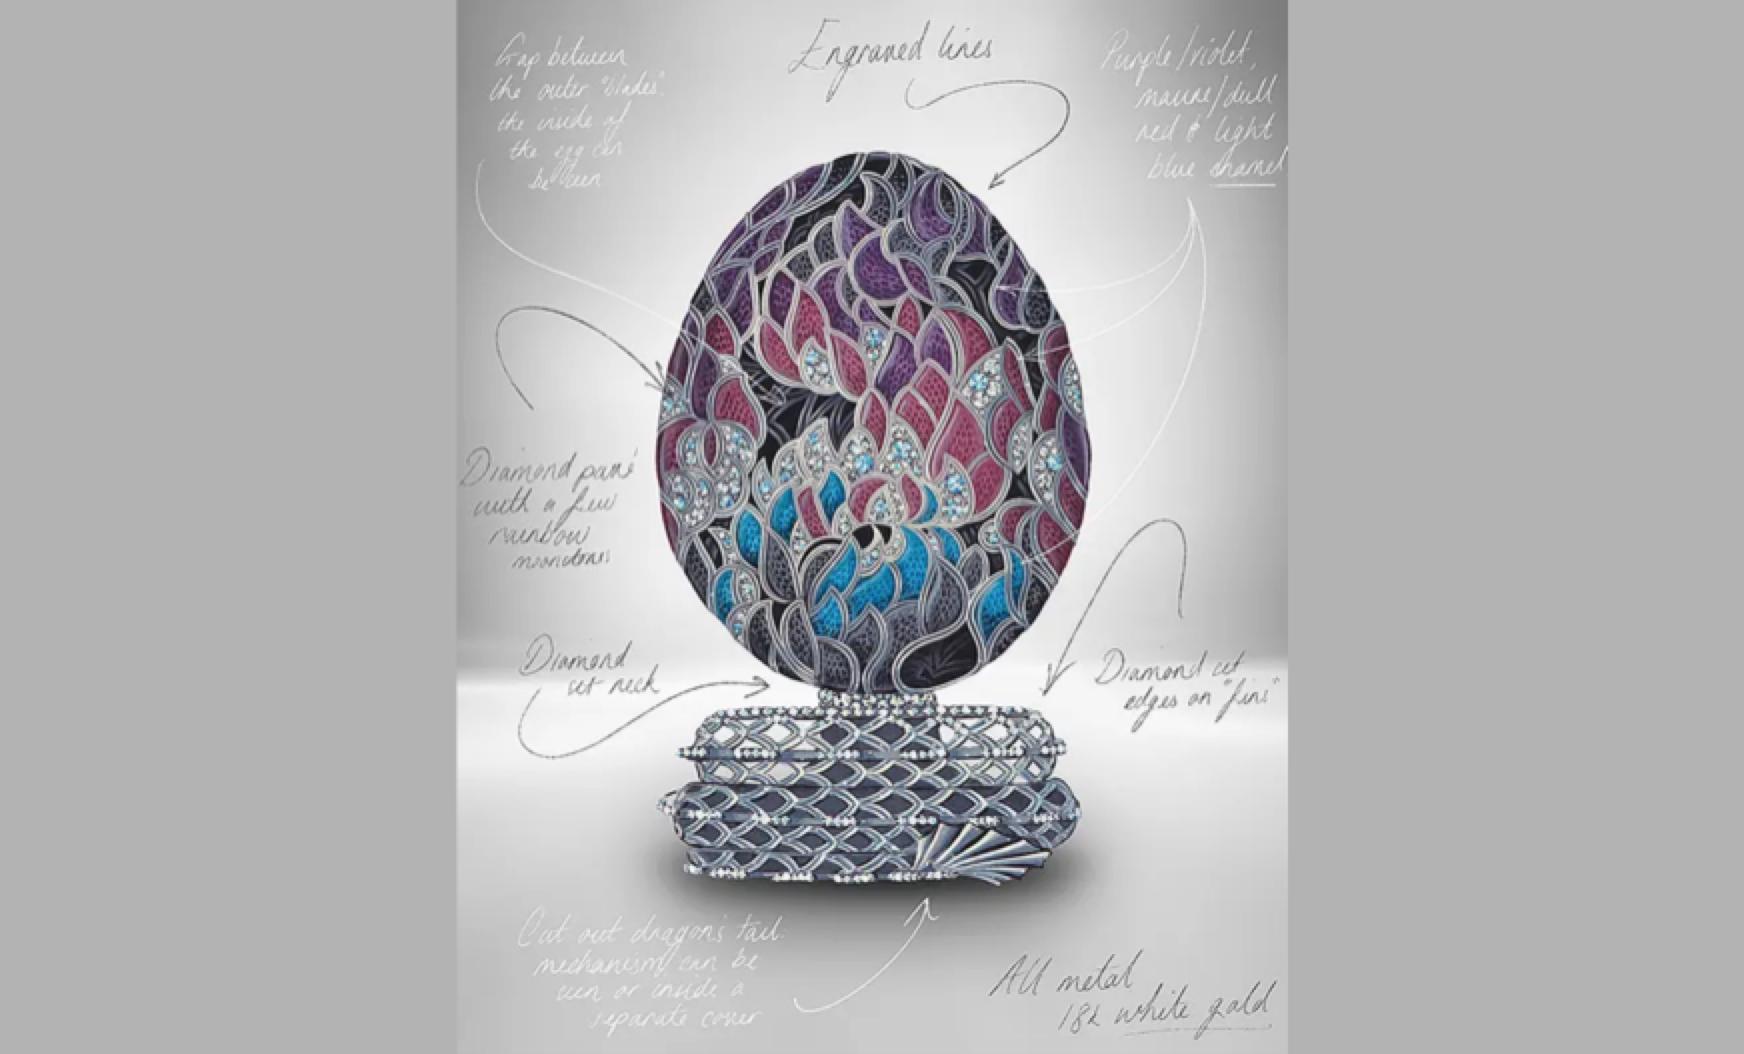 l'uovo Fabergé per il decimo anniversario de Il Trono di Spade